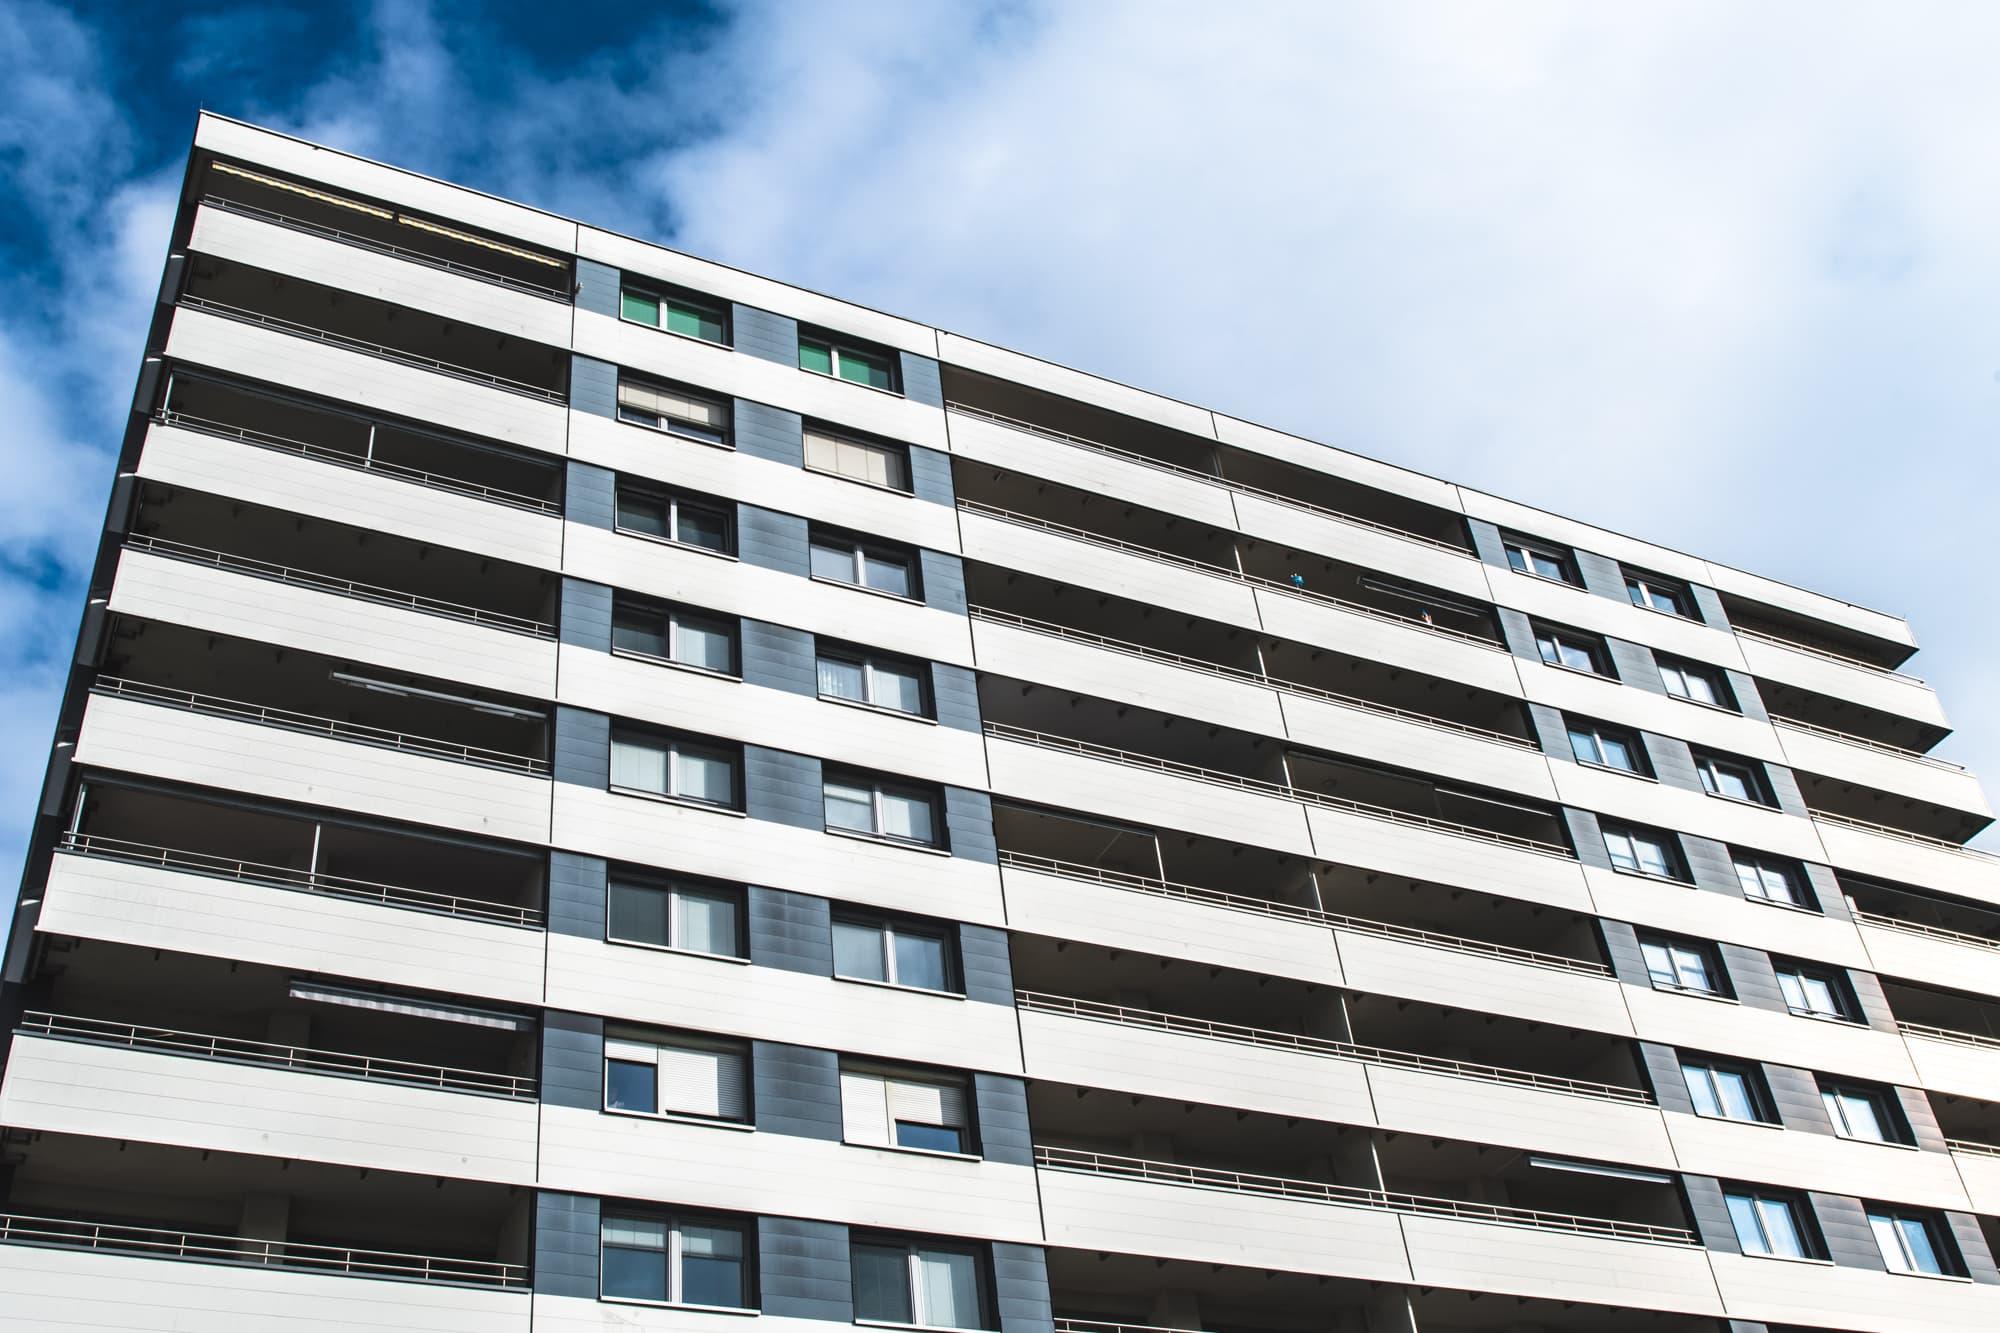 Hiltl Haus, moderne Architektur, 9020 Klagenfurt am Wörthersee, 60er Jahre Bauwerk